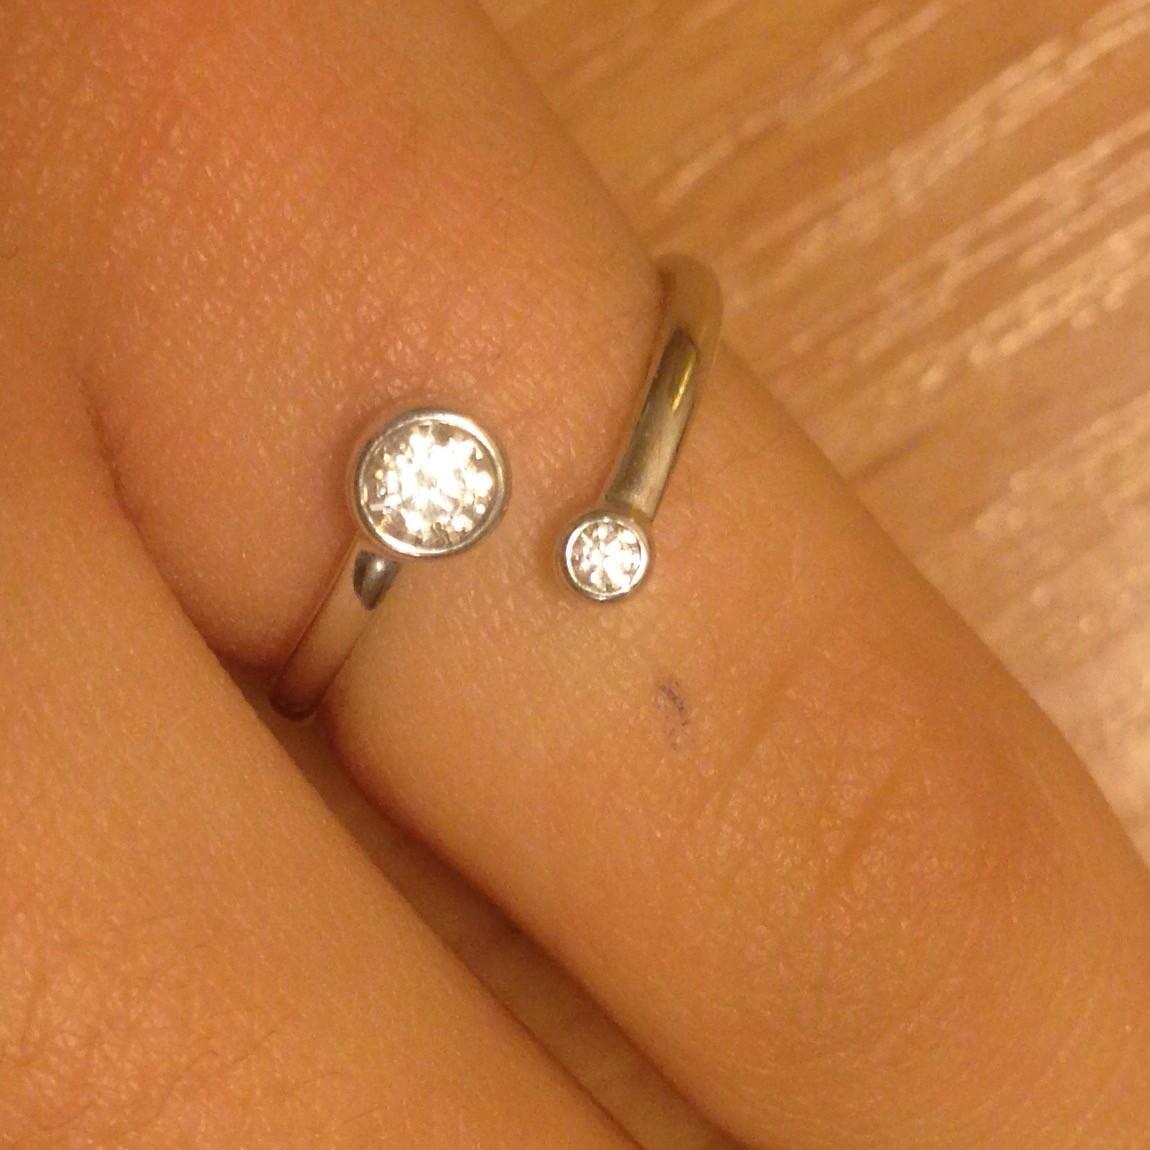 Очень нежное кольцо!)